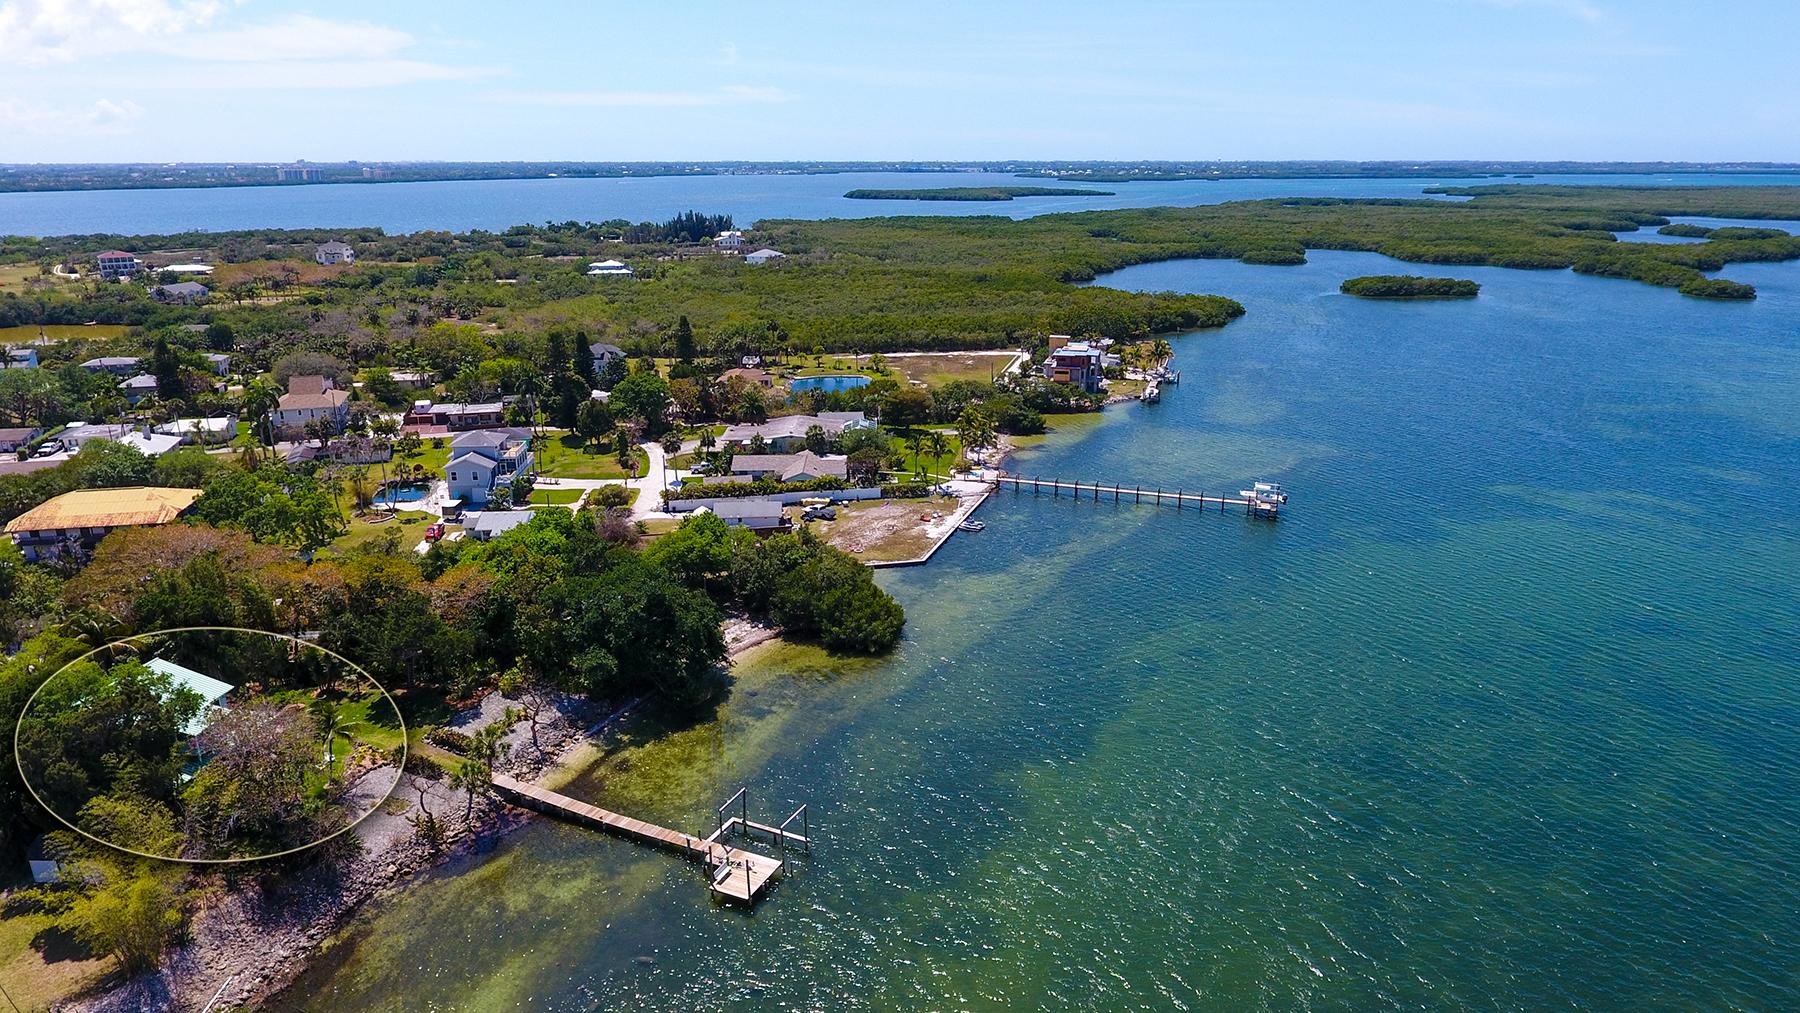 Частный односемейный дом для того Продажа на TERRA CEIA 70 Mound Pl Terra Ceia, Флорида, 34250 Соединенные Штаты